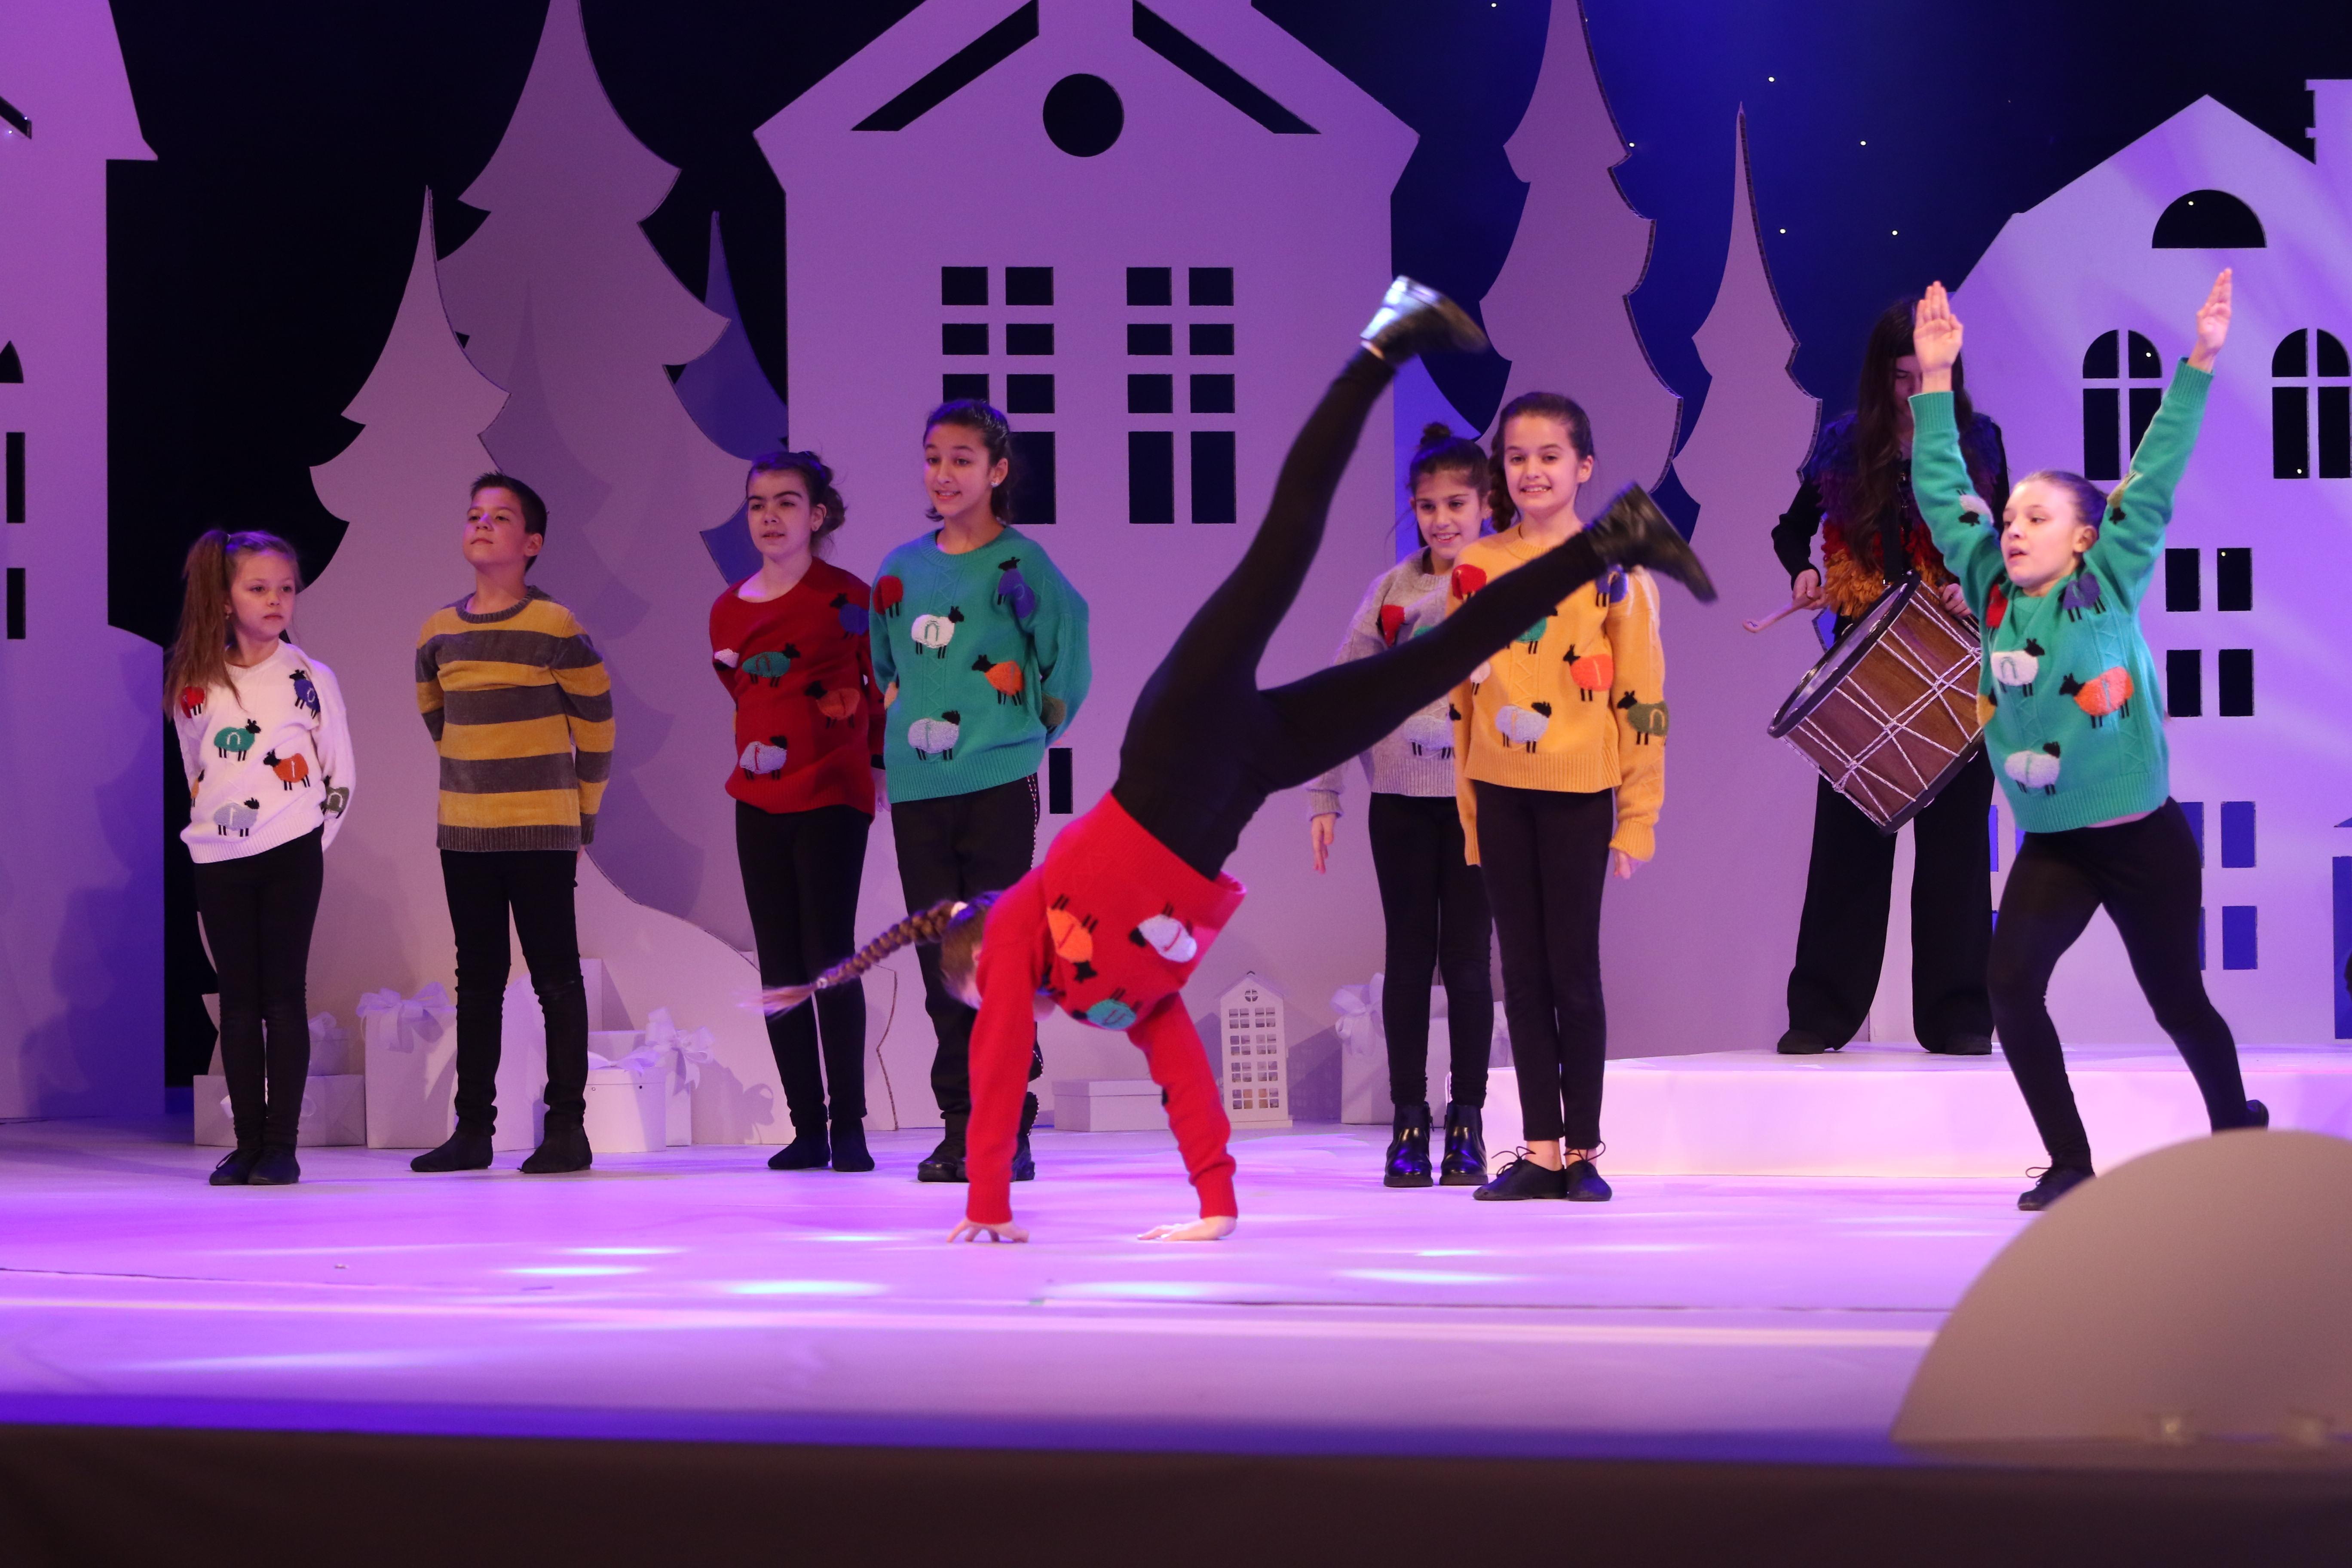 """За 17-та поредна година се провежда благотворителният концерт """"Българската Коледа"""" под патронажа на президента Румен Радев."""